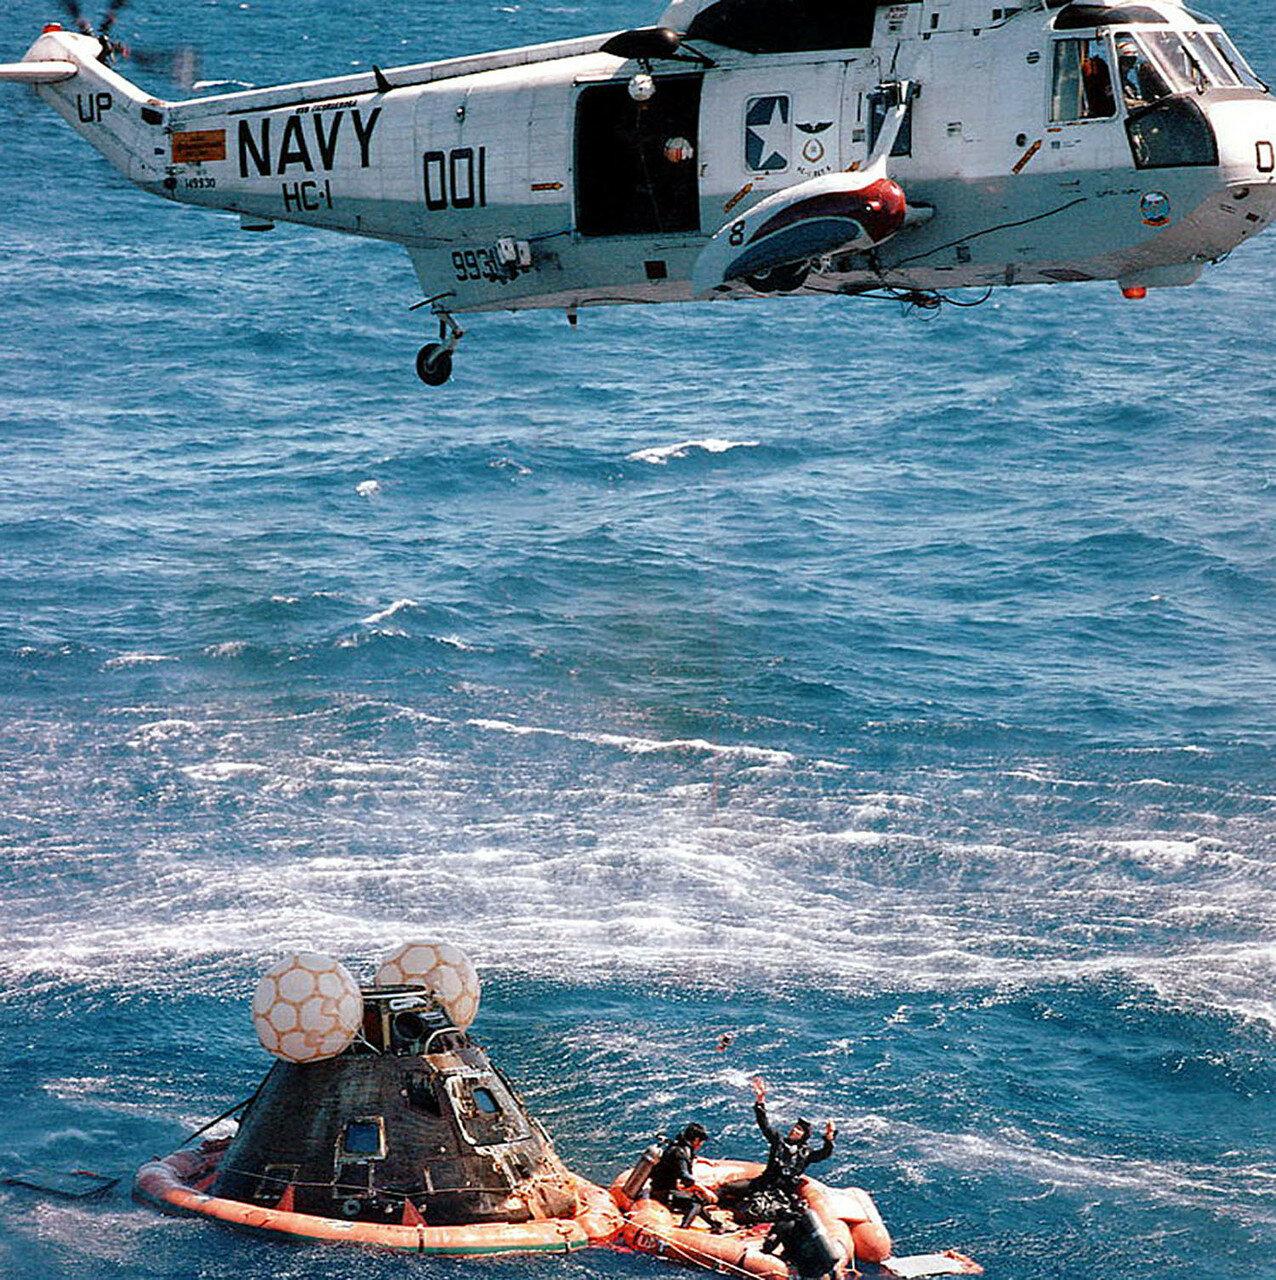 «Аполлон-16» приводнился в 5,5 км от расчётной точки и в 5 км от поискового корабля. Поисково-спасательная операция была проведена в рекордные сроки. На снимке: «Аполлон-16» вскоре после приводнения. В спасательной шлюпке — пловцы ВМФ США